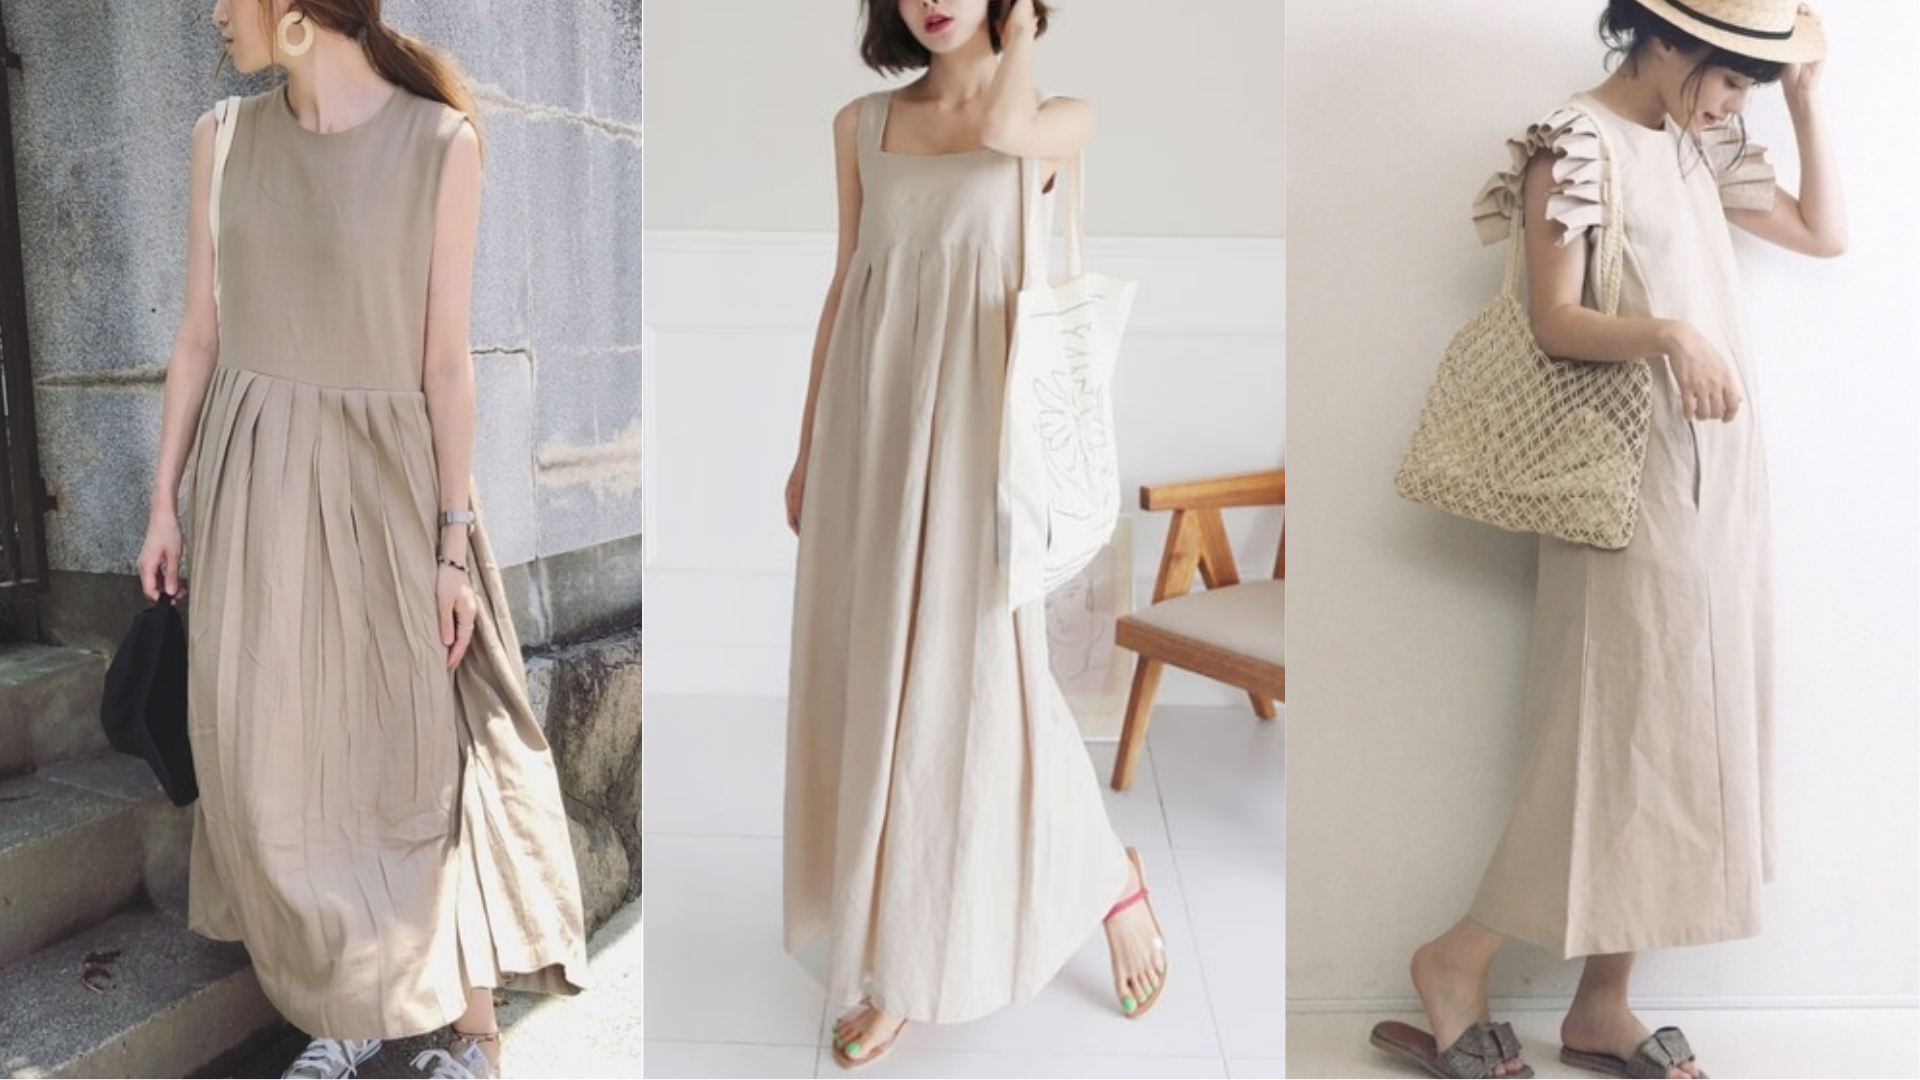 用米杏色洋裝帶出柔美氣質、讓人第一眼就對妳留下好感印象